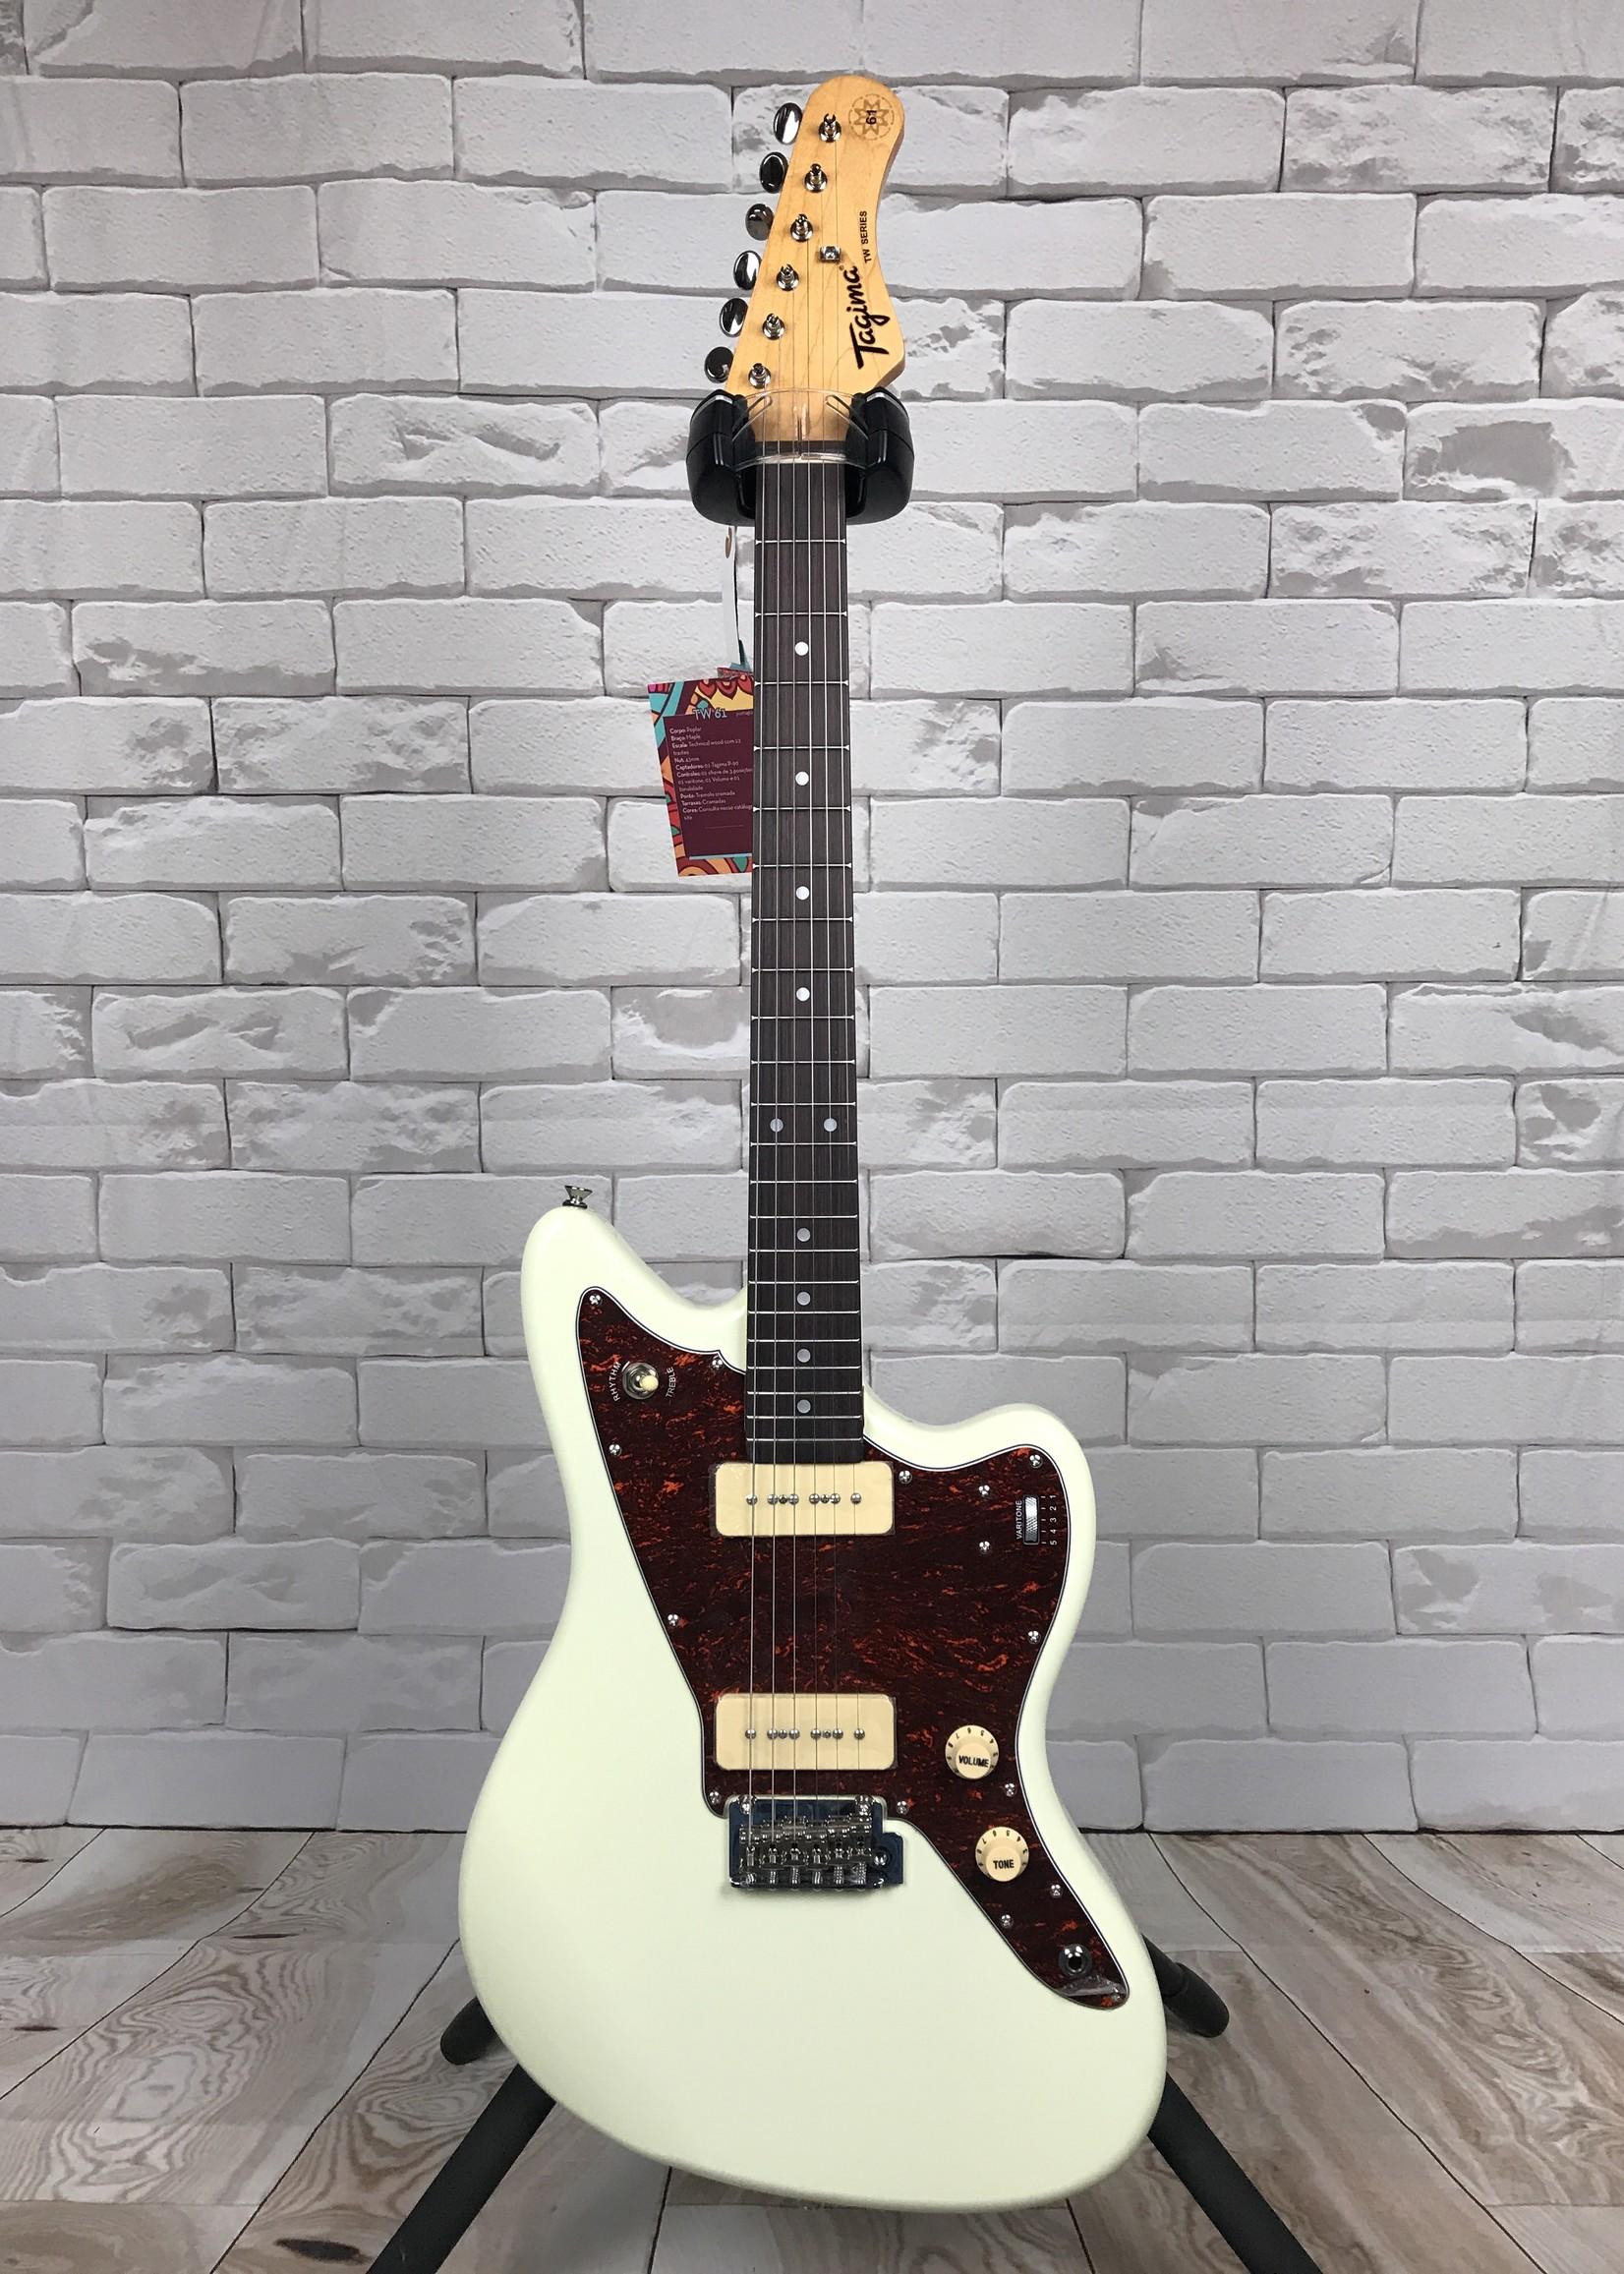 Tagima TW-61 Vintage White